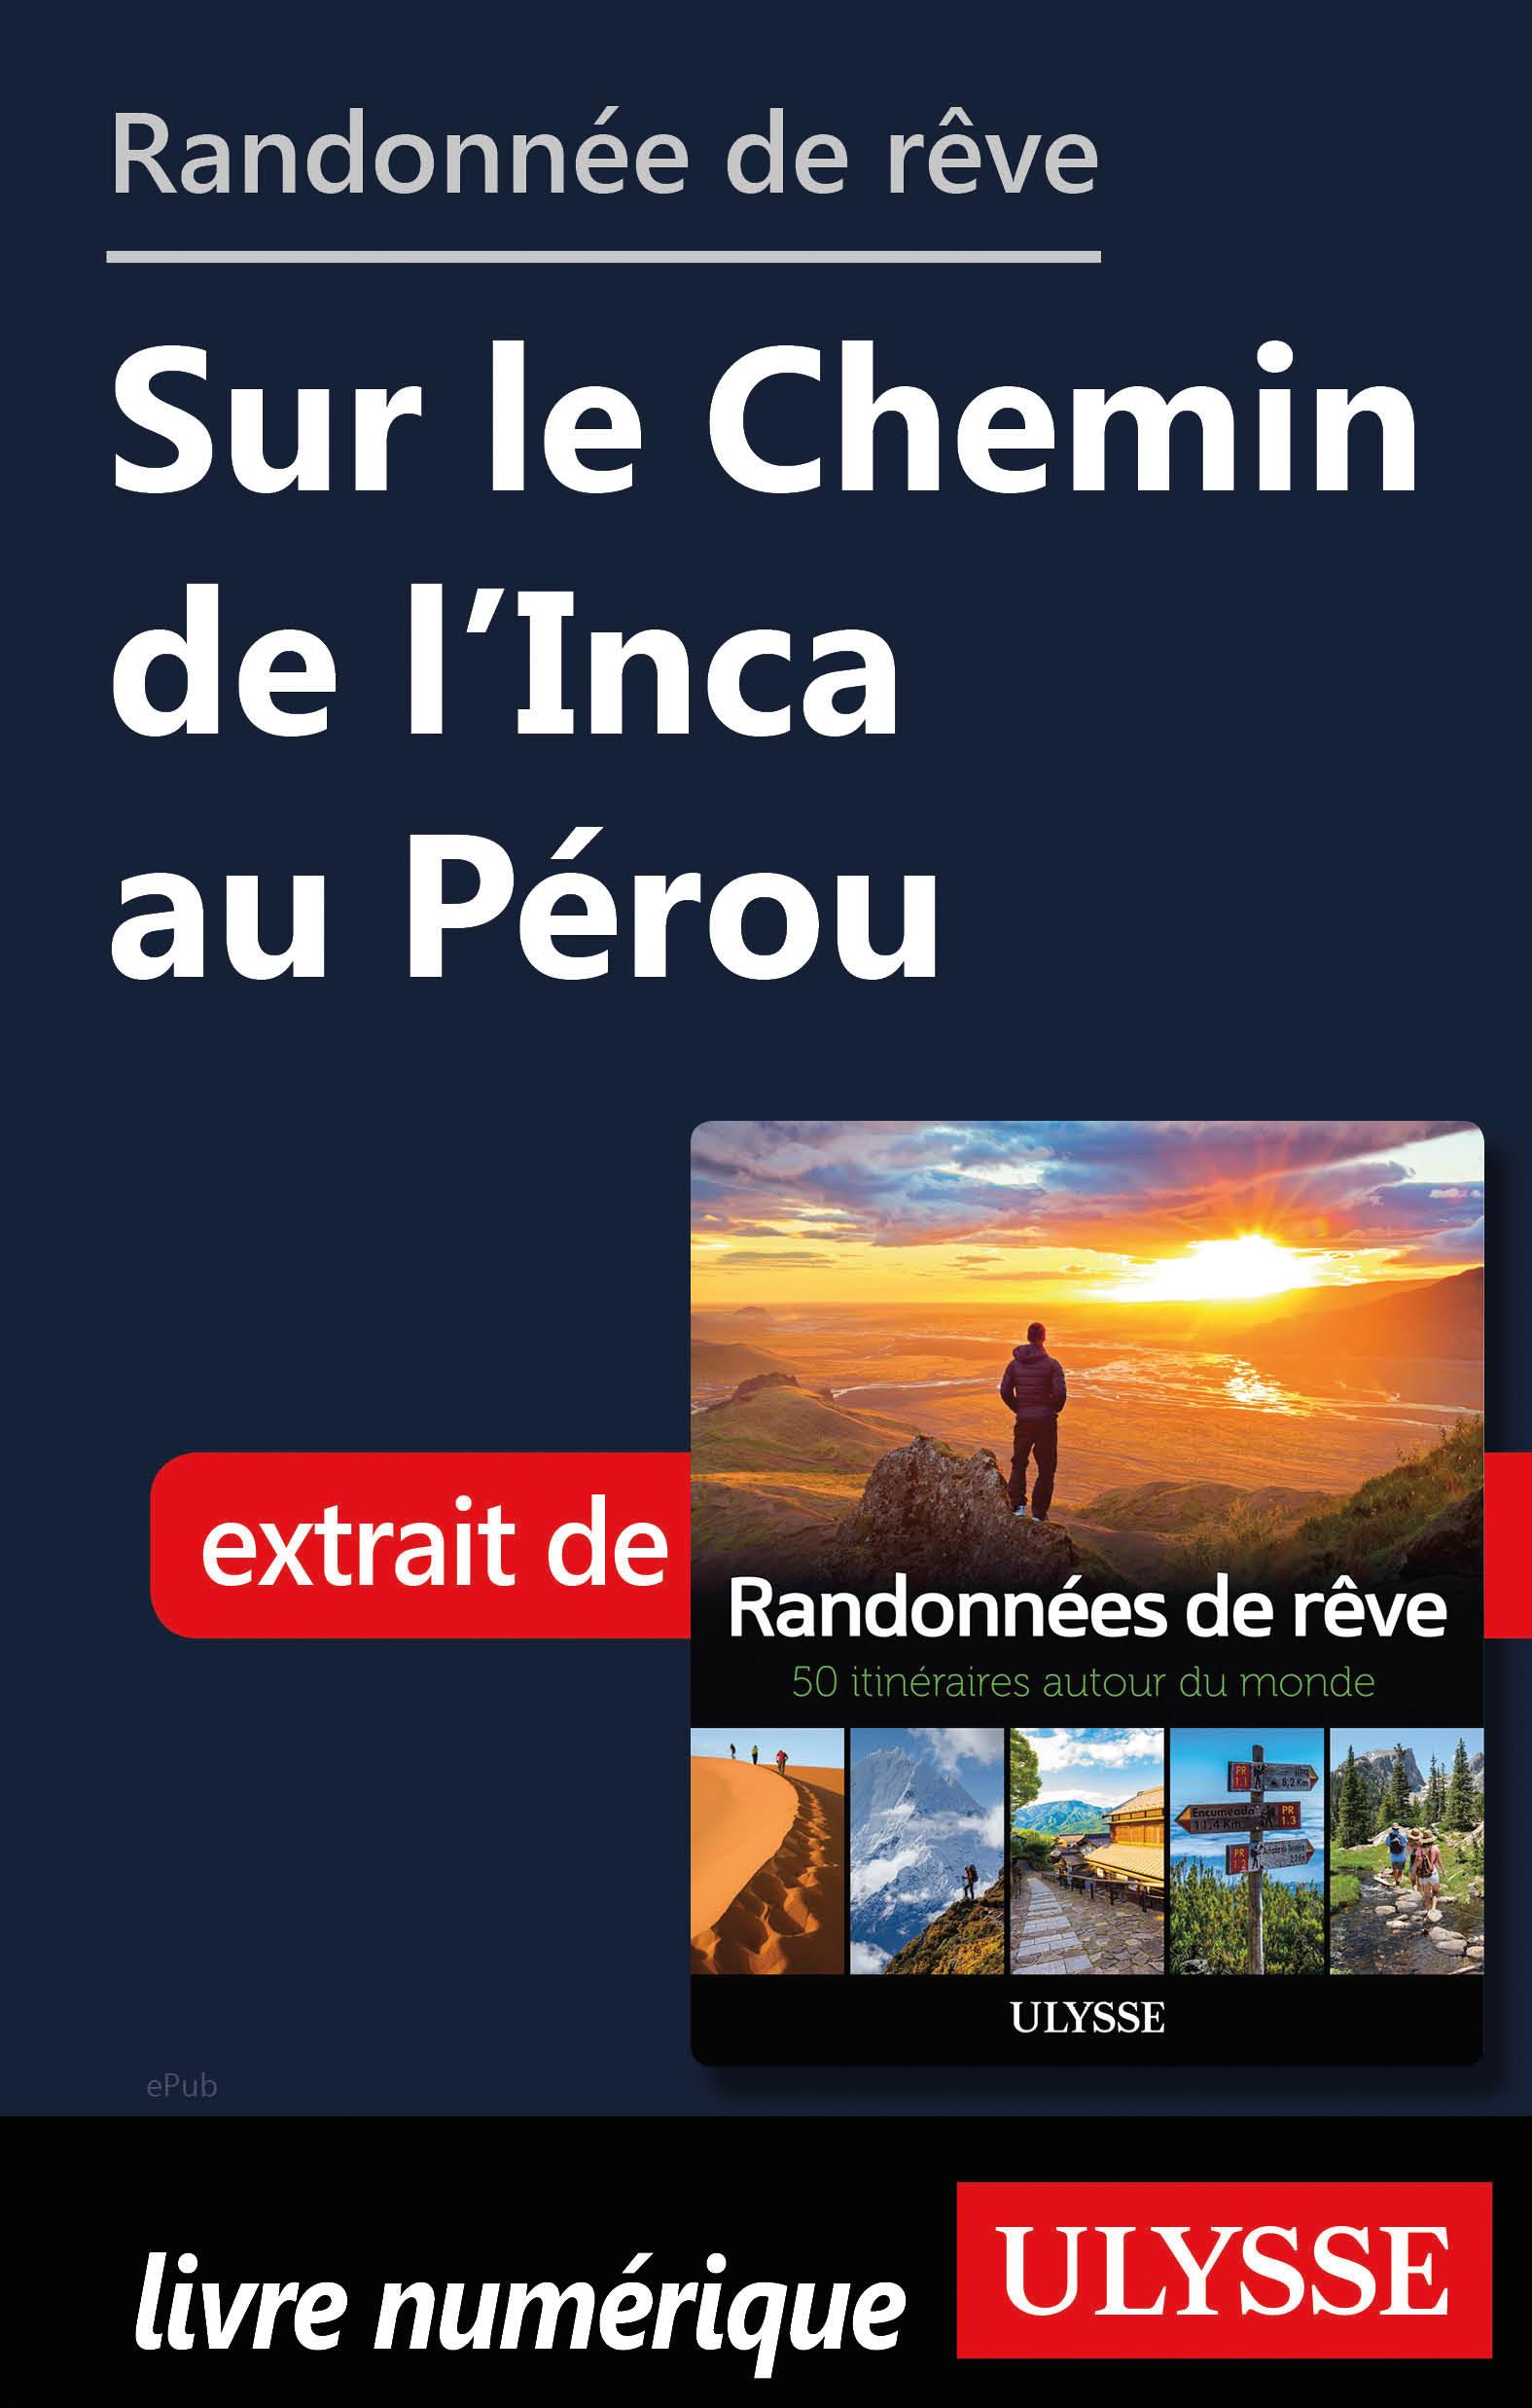 Randonnée de rêve - Sur le Chemin de l'Inca au Pérou